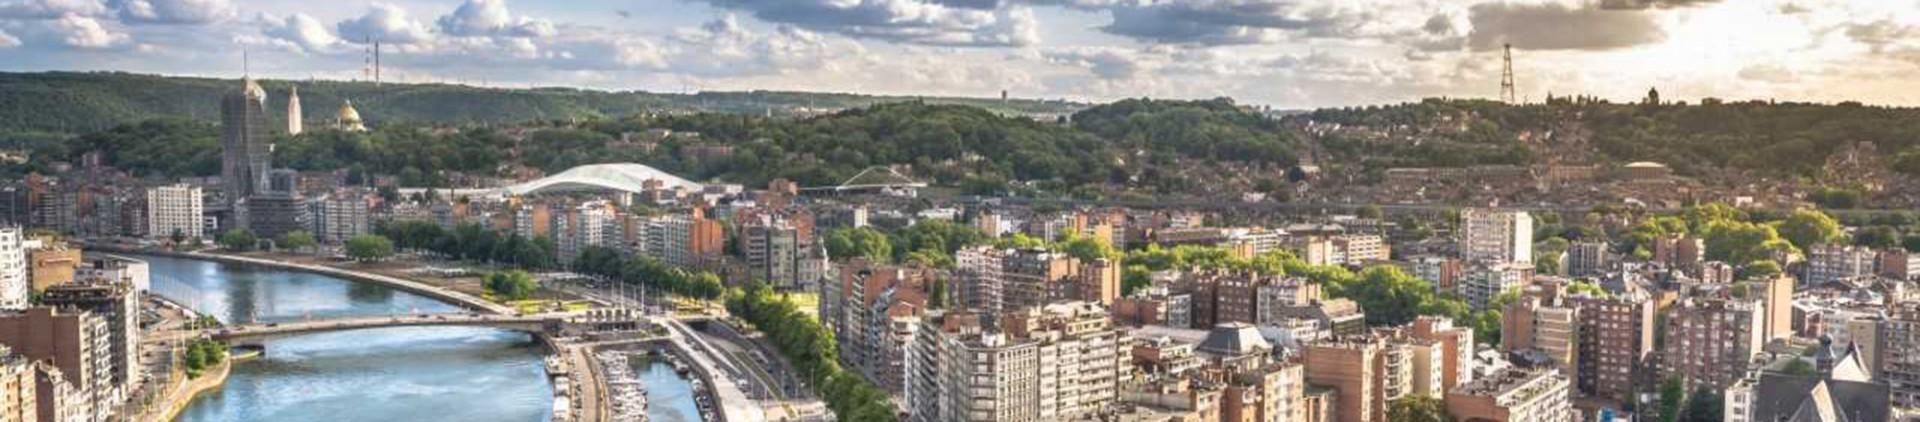 Découvrez des panoramas de la Province de Liège en restant chez vous